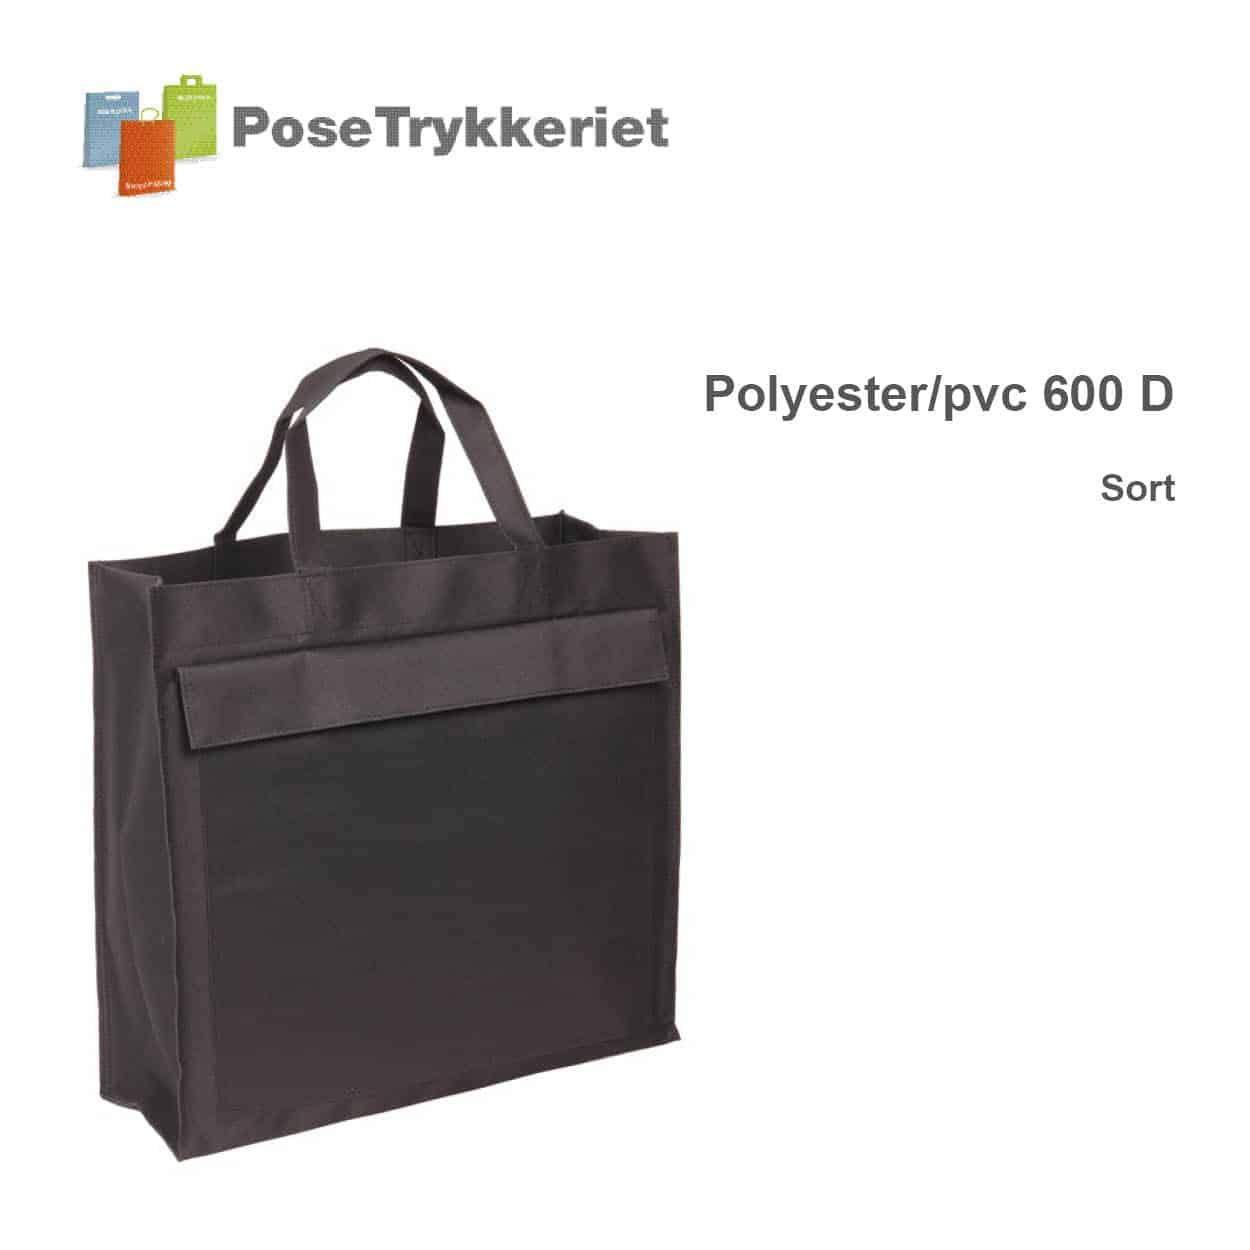 Revisor poser med korte hanke og logotryk. Sort, Polyester 600D. Posetrykkeriet.dk